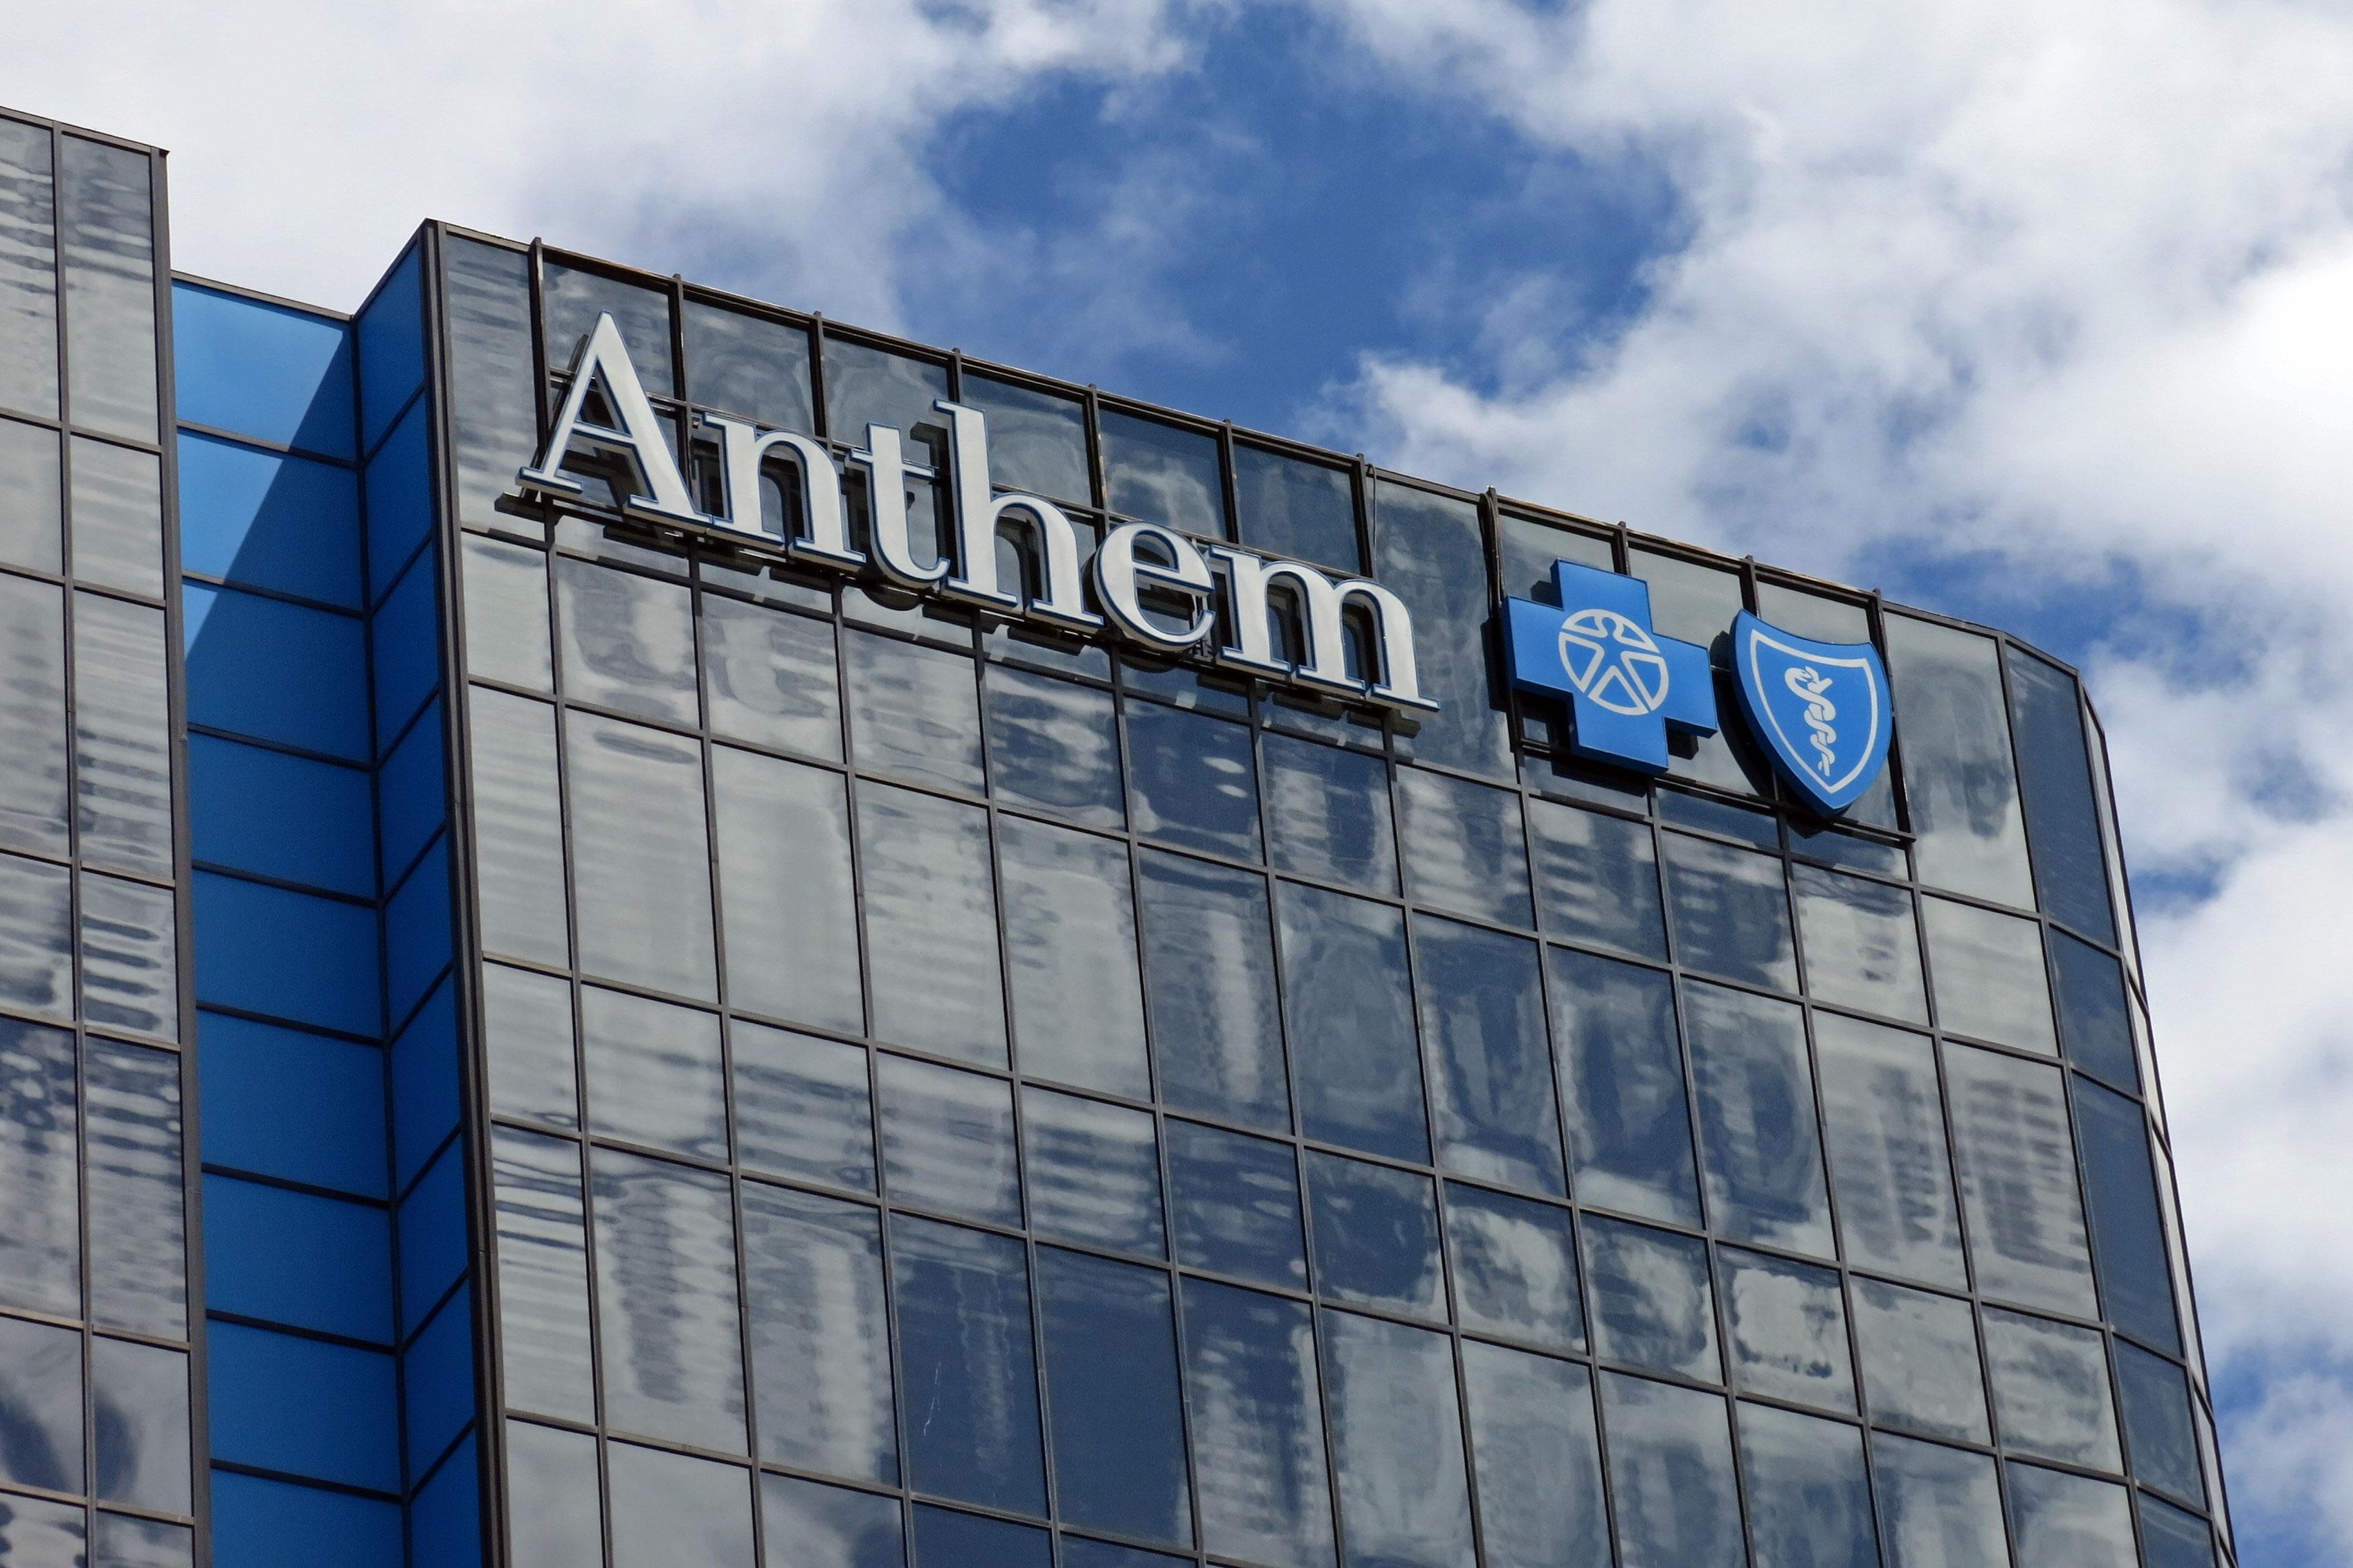 Photo: Anthem Denver Building 2 - JDaley